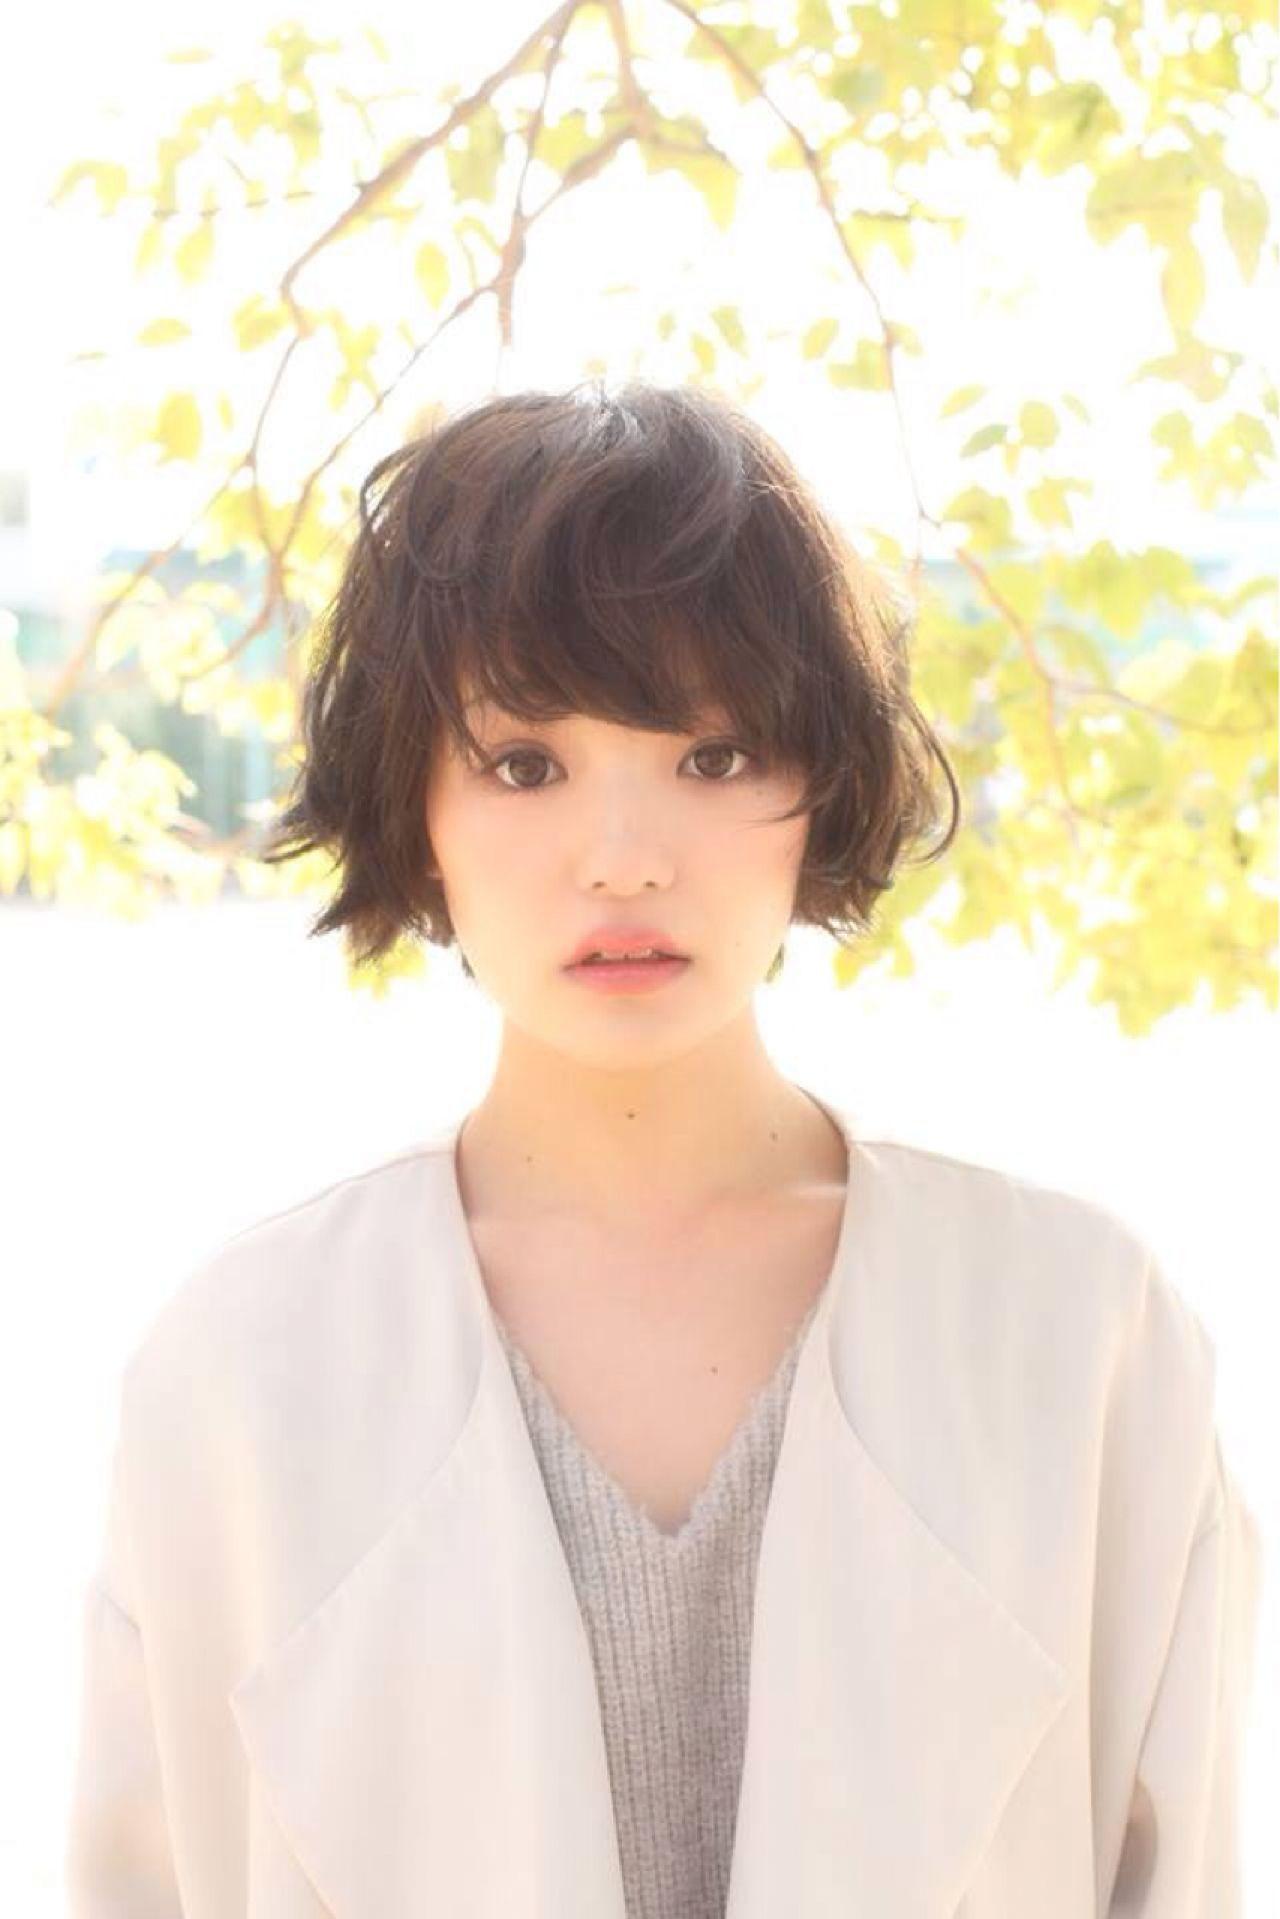 2017年流行りの髪型はコレだ!ショートからロングまで一挙大公開! ishihara takuya